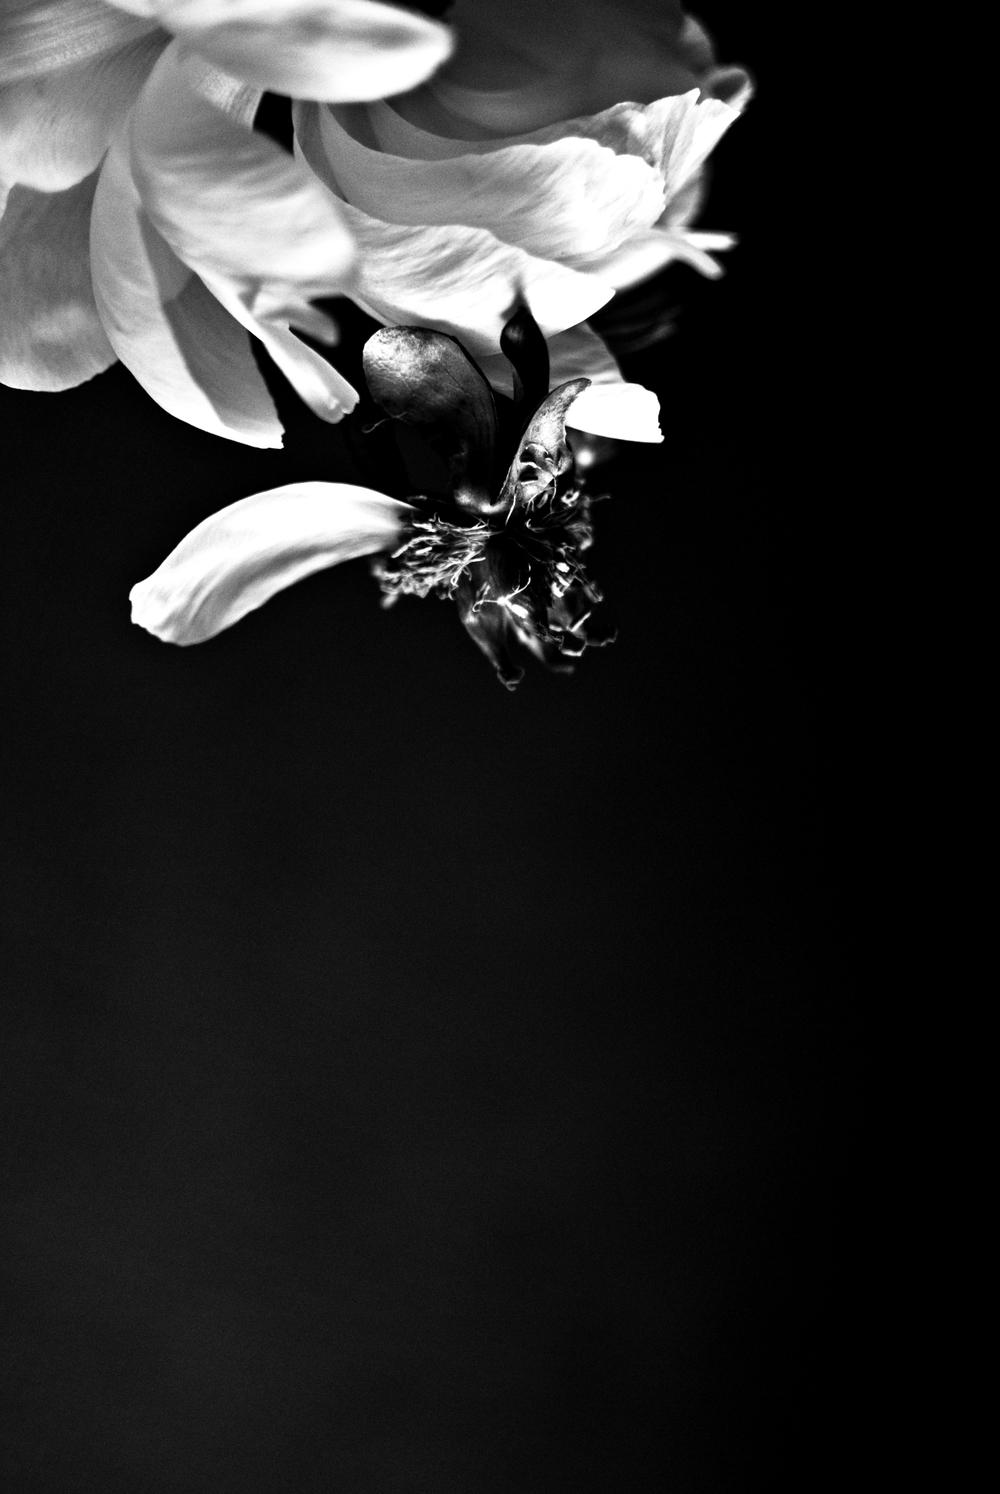 bw flower2.jpg